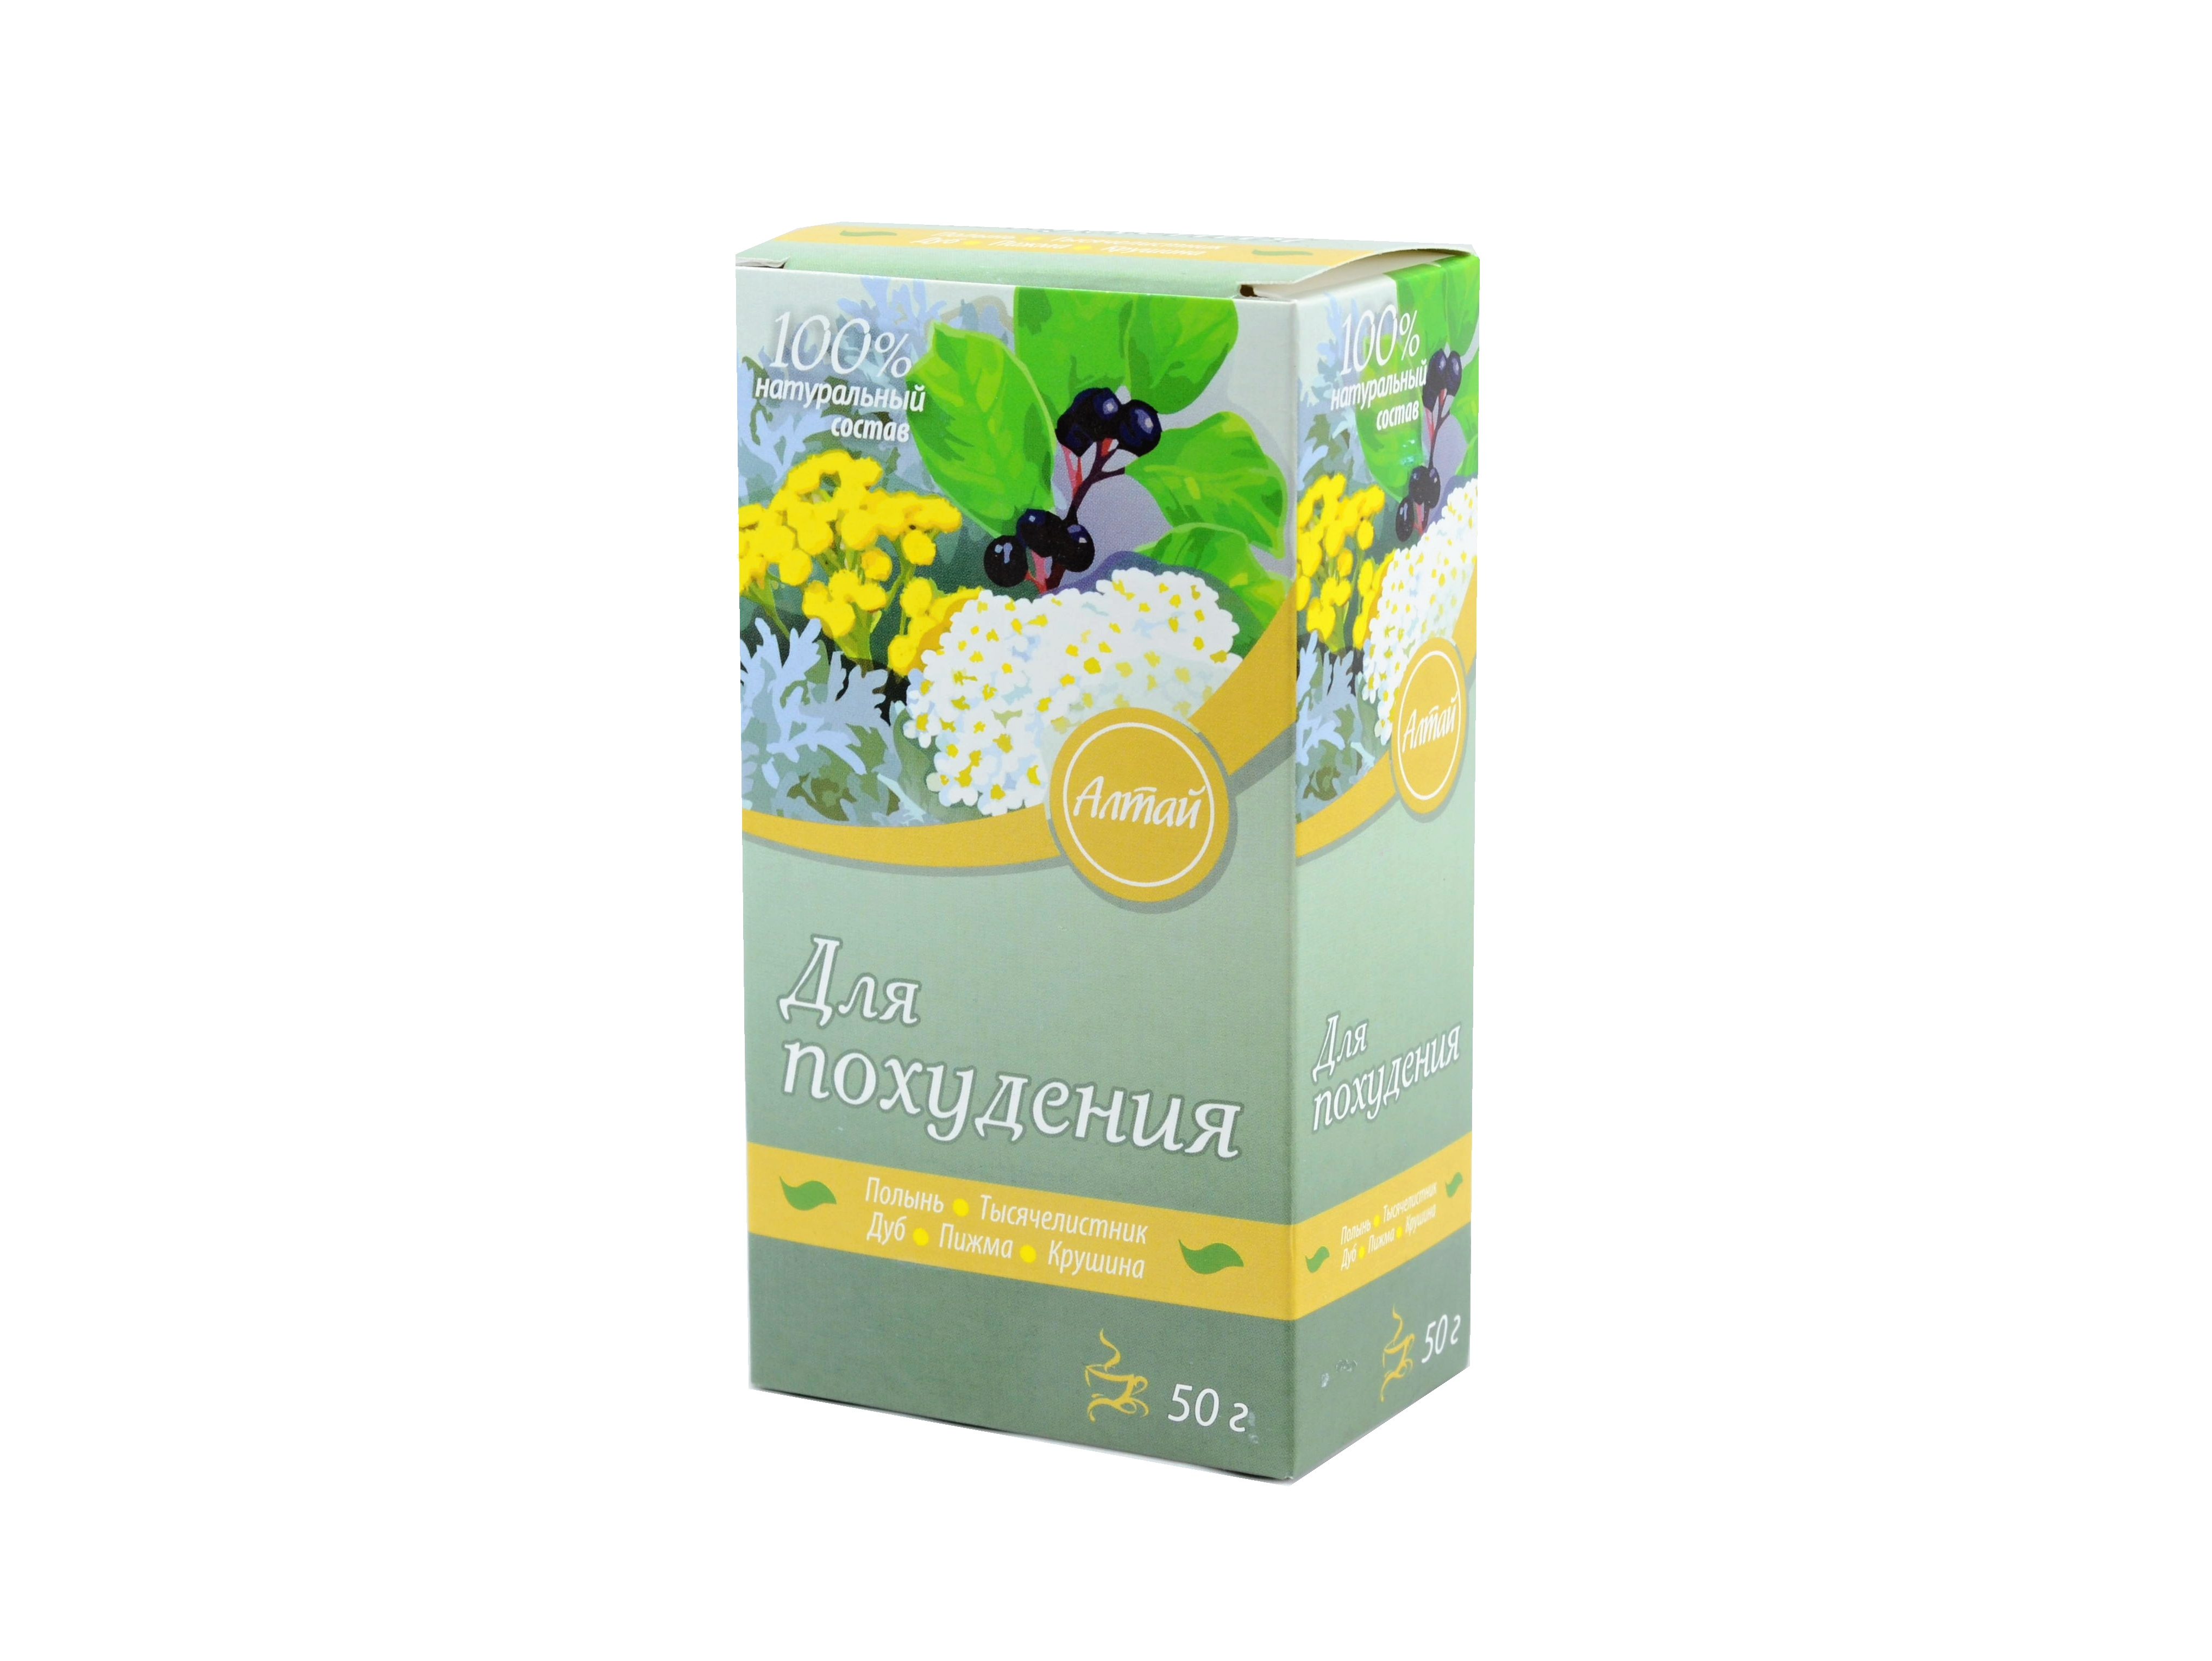 Firma Kima 100 % prírodný čaj na chudnutie - 50g